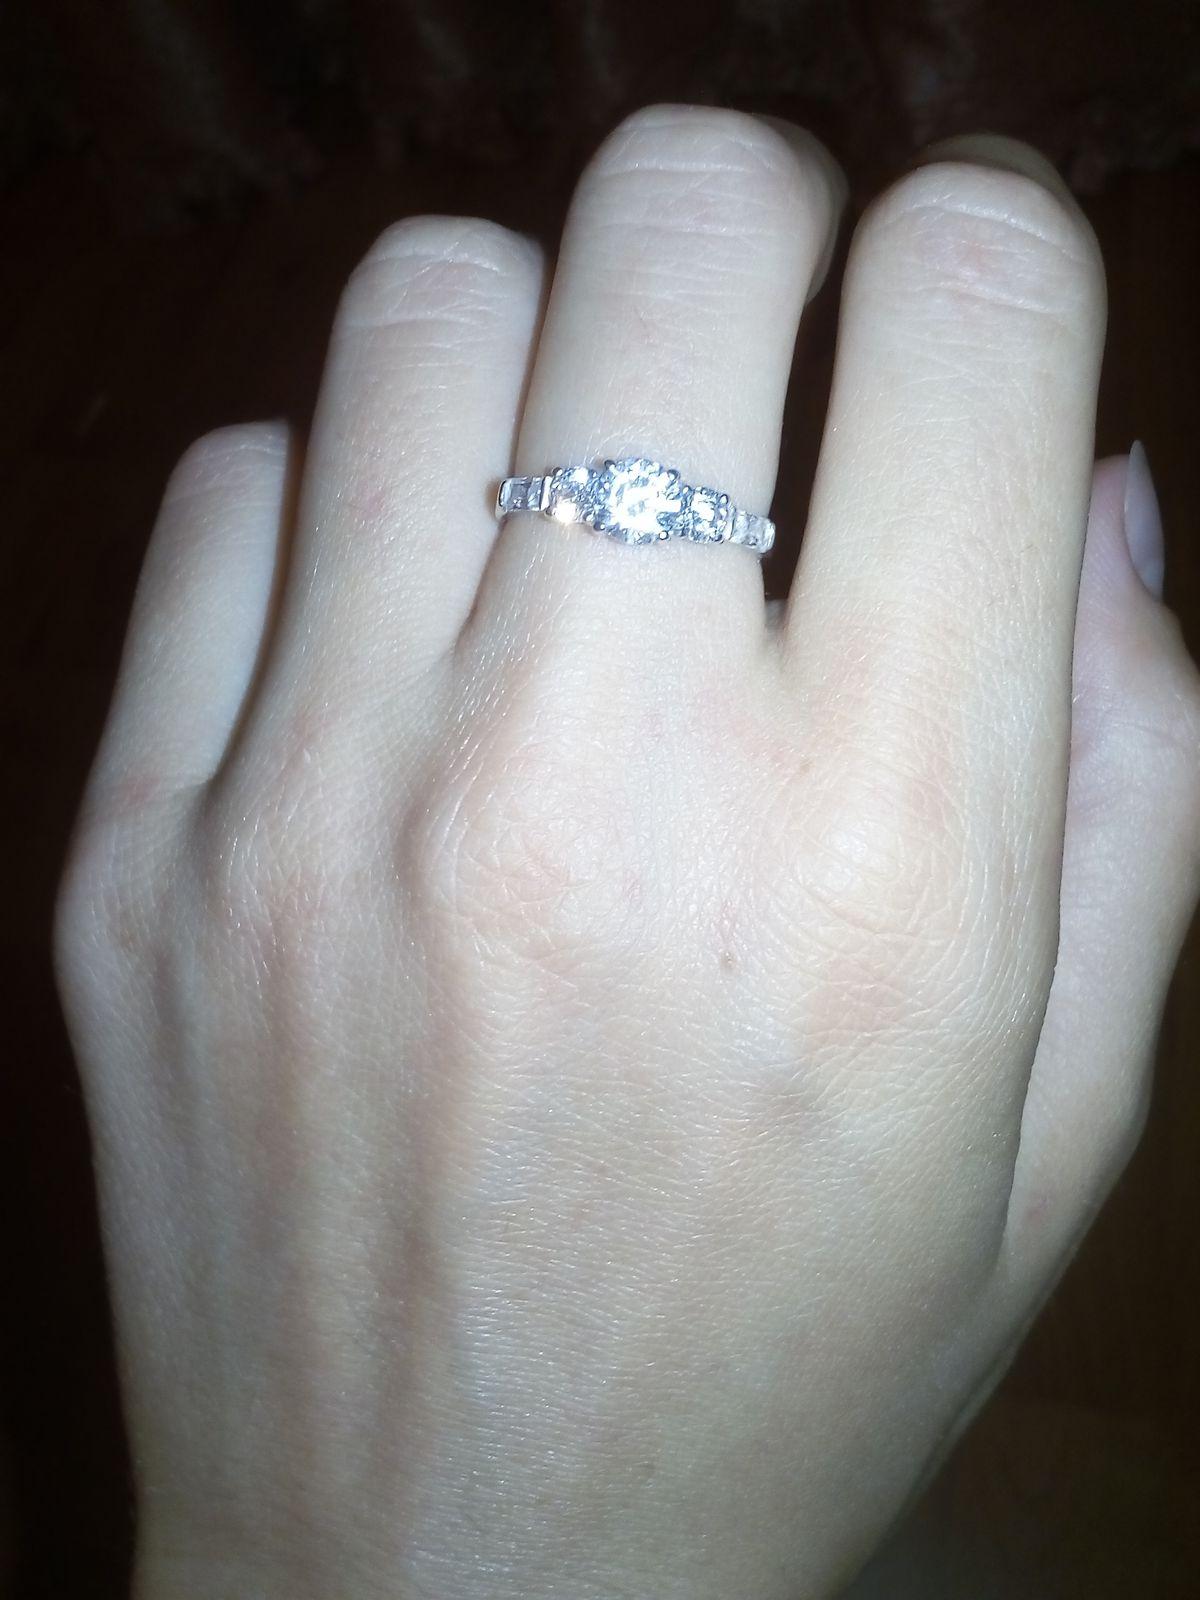 Замечательное кольцо!Очень красиво и элегантно смотрится на руке!Спасибо!